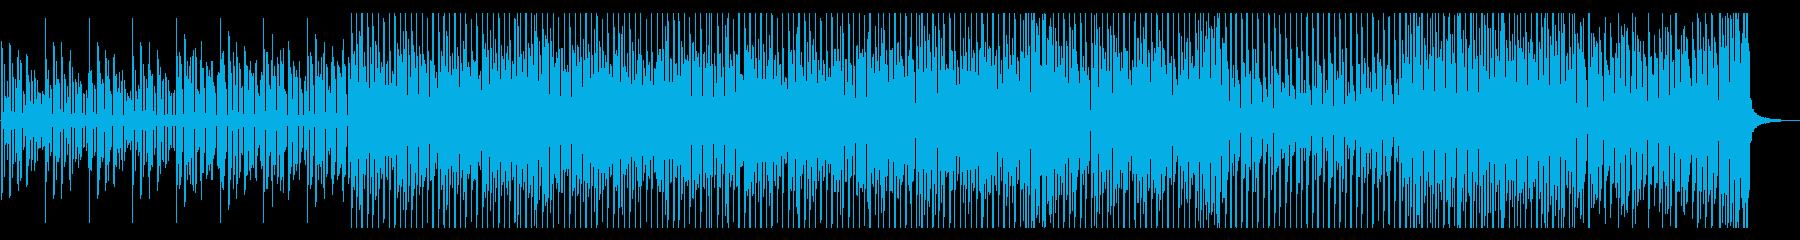 浮遊感 独特 クセになるサウンドの再生済みの波形